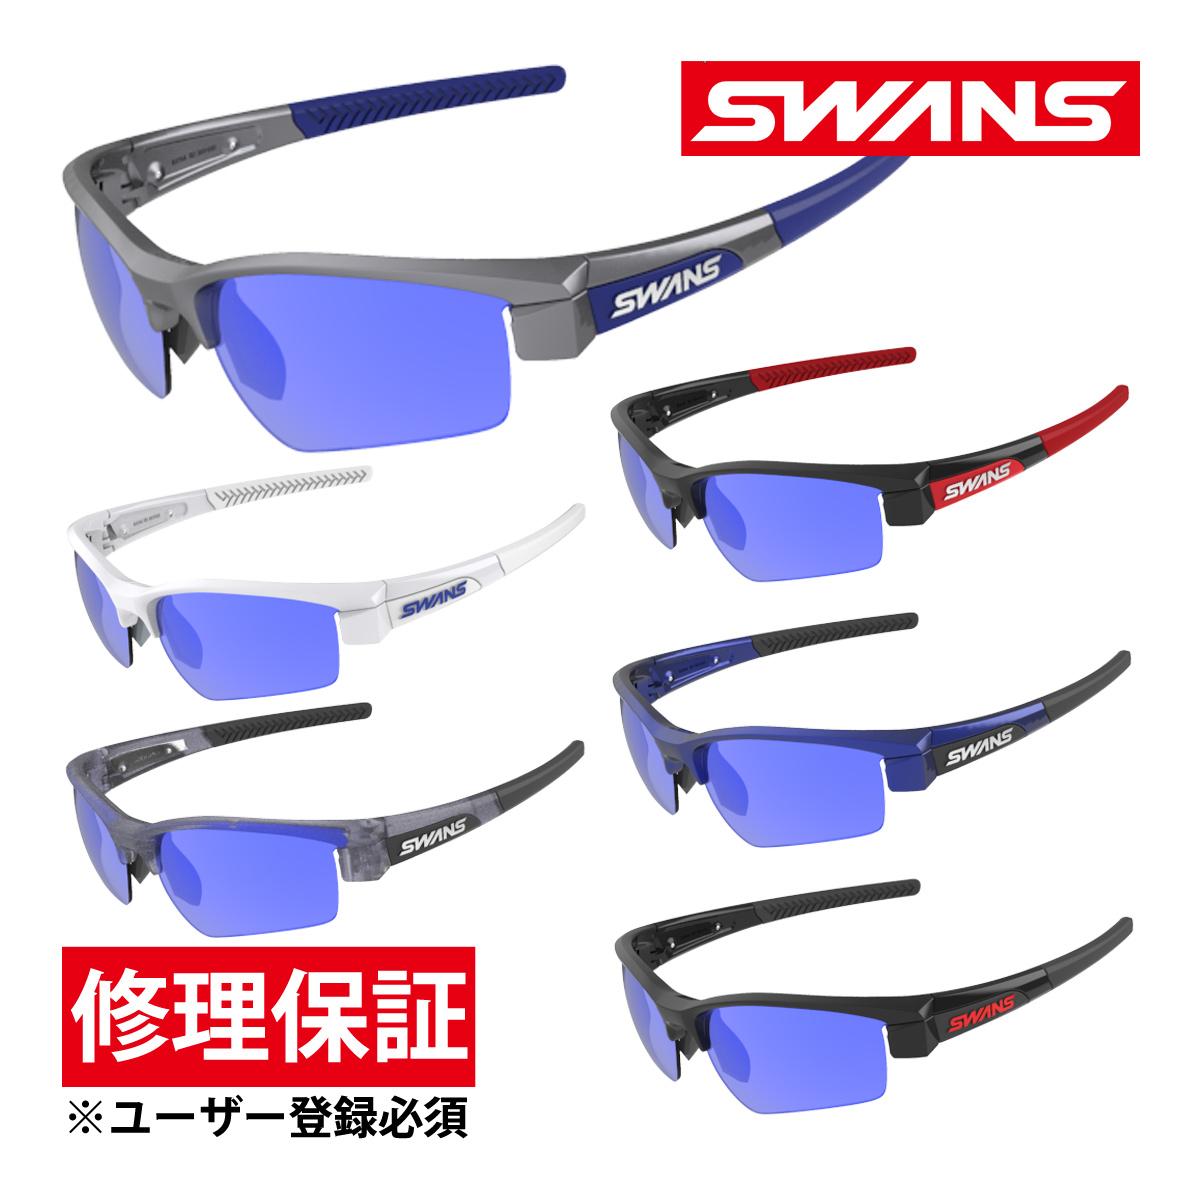 サングラス ミラーレンズ ブルーミラー×スモーク ドライブ ゴルフ スポーツ メンズ レディース LION SIN フレーム+L-LI SIN-1101 SMBL おすすめ 人気 SWANS スワンズ